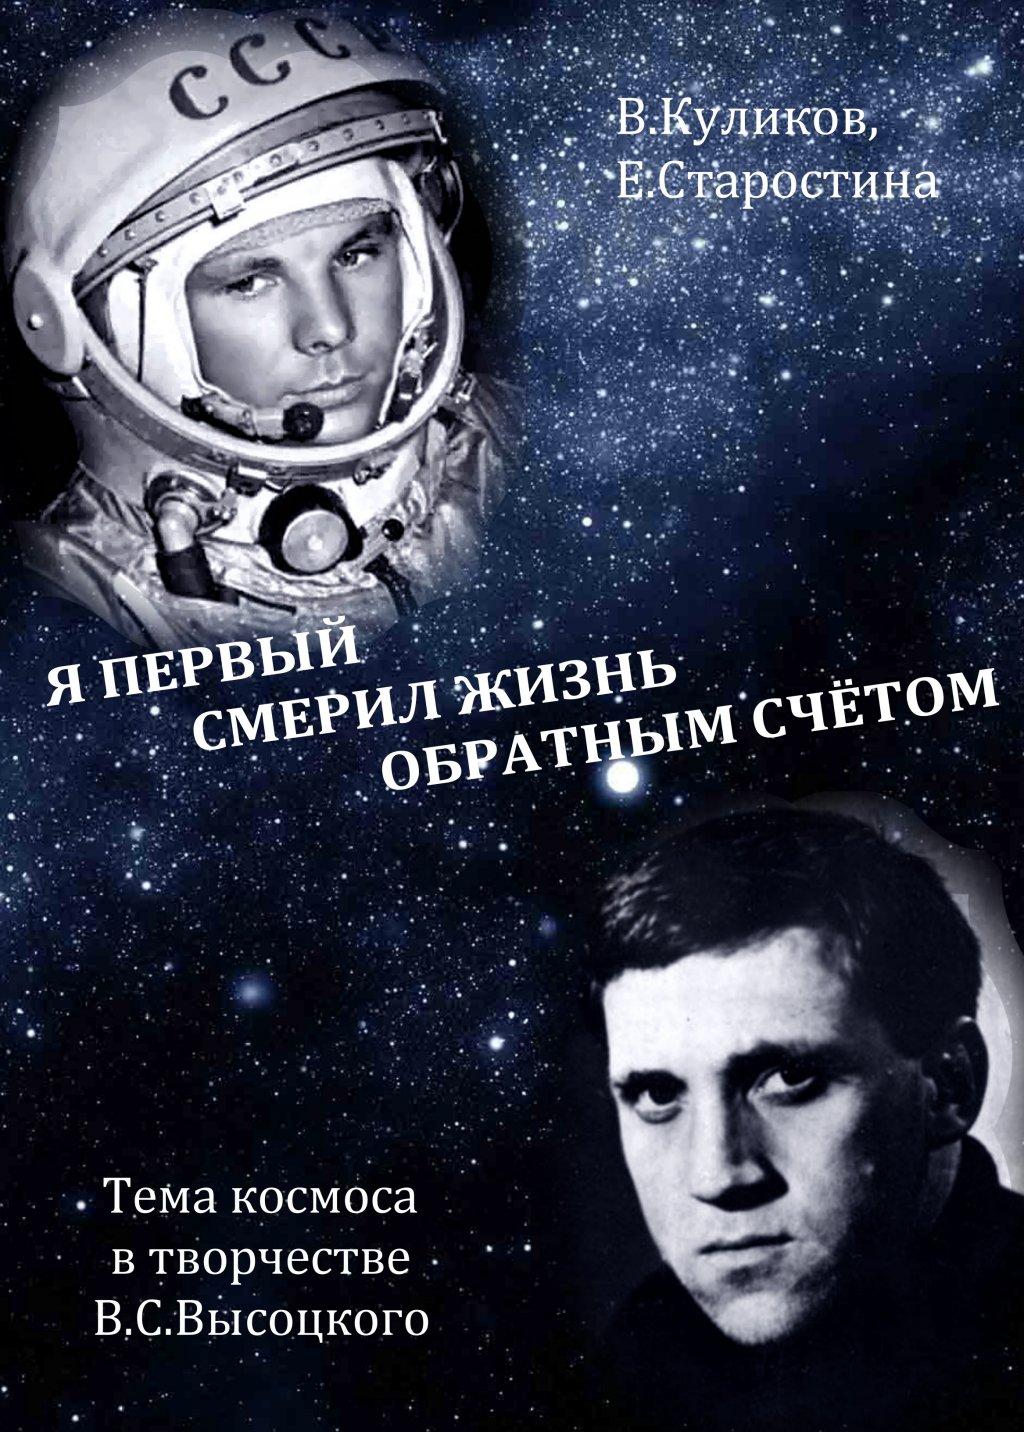 Тольяттинцы узнают о космосе из песен Высоцкого